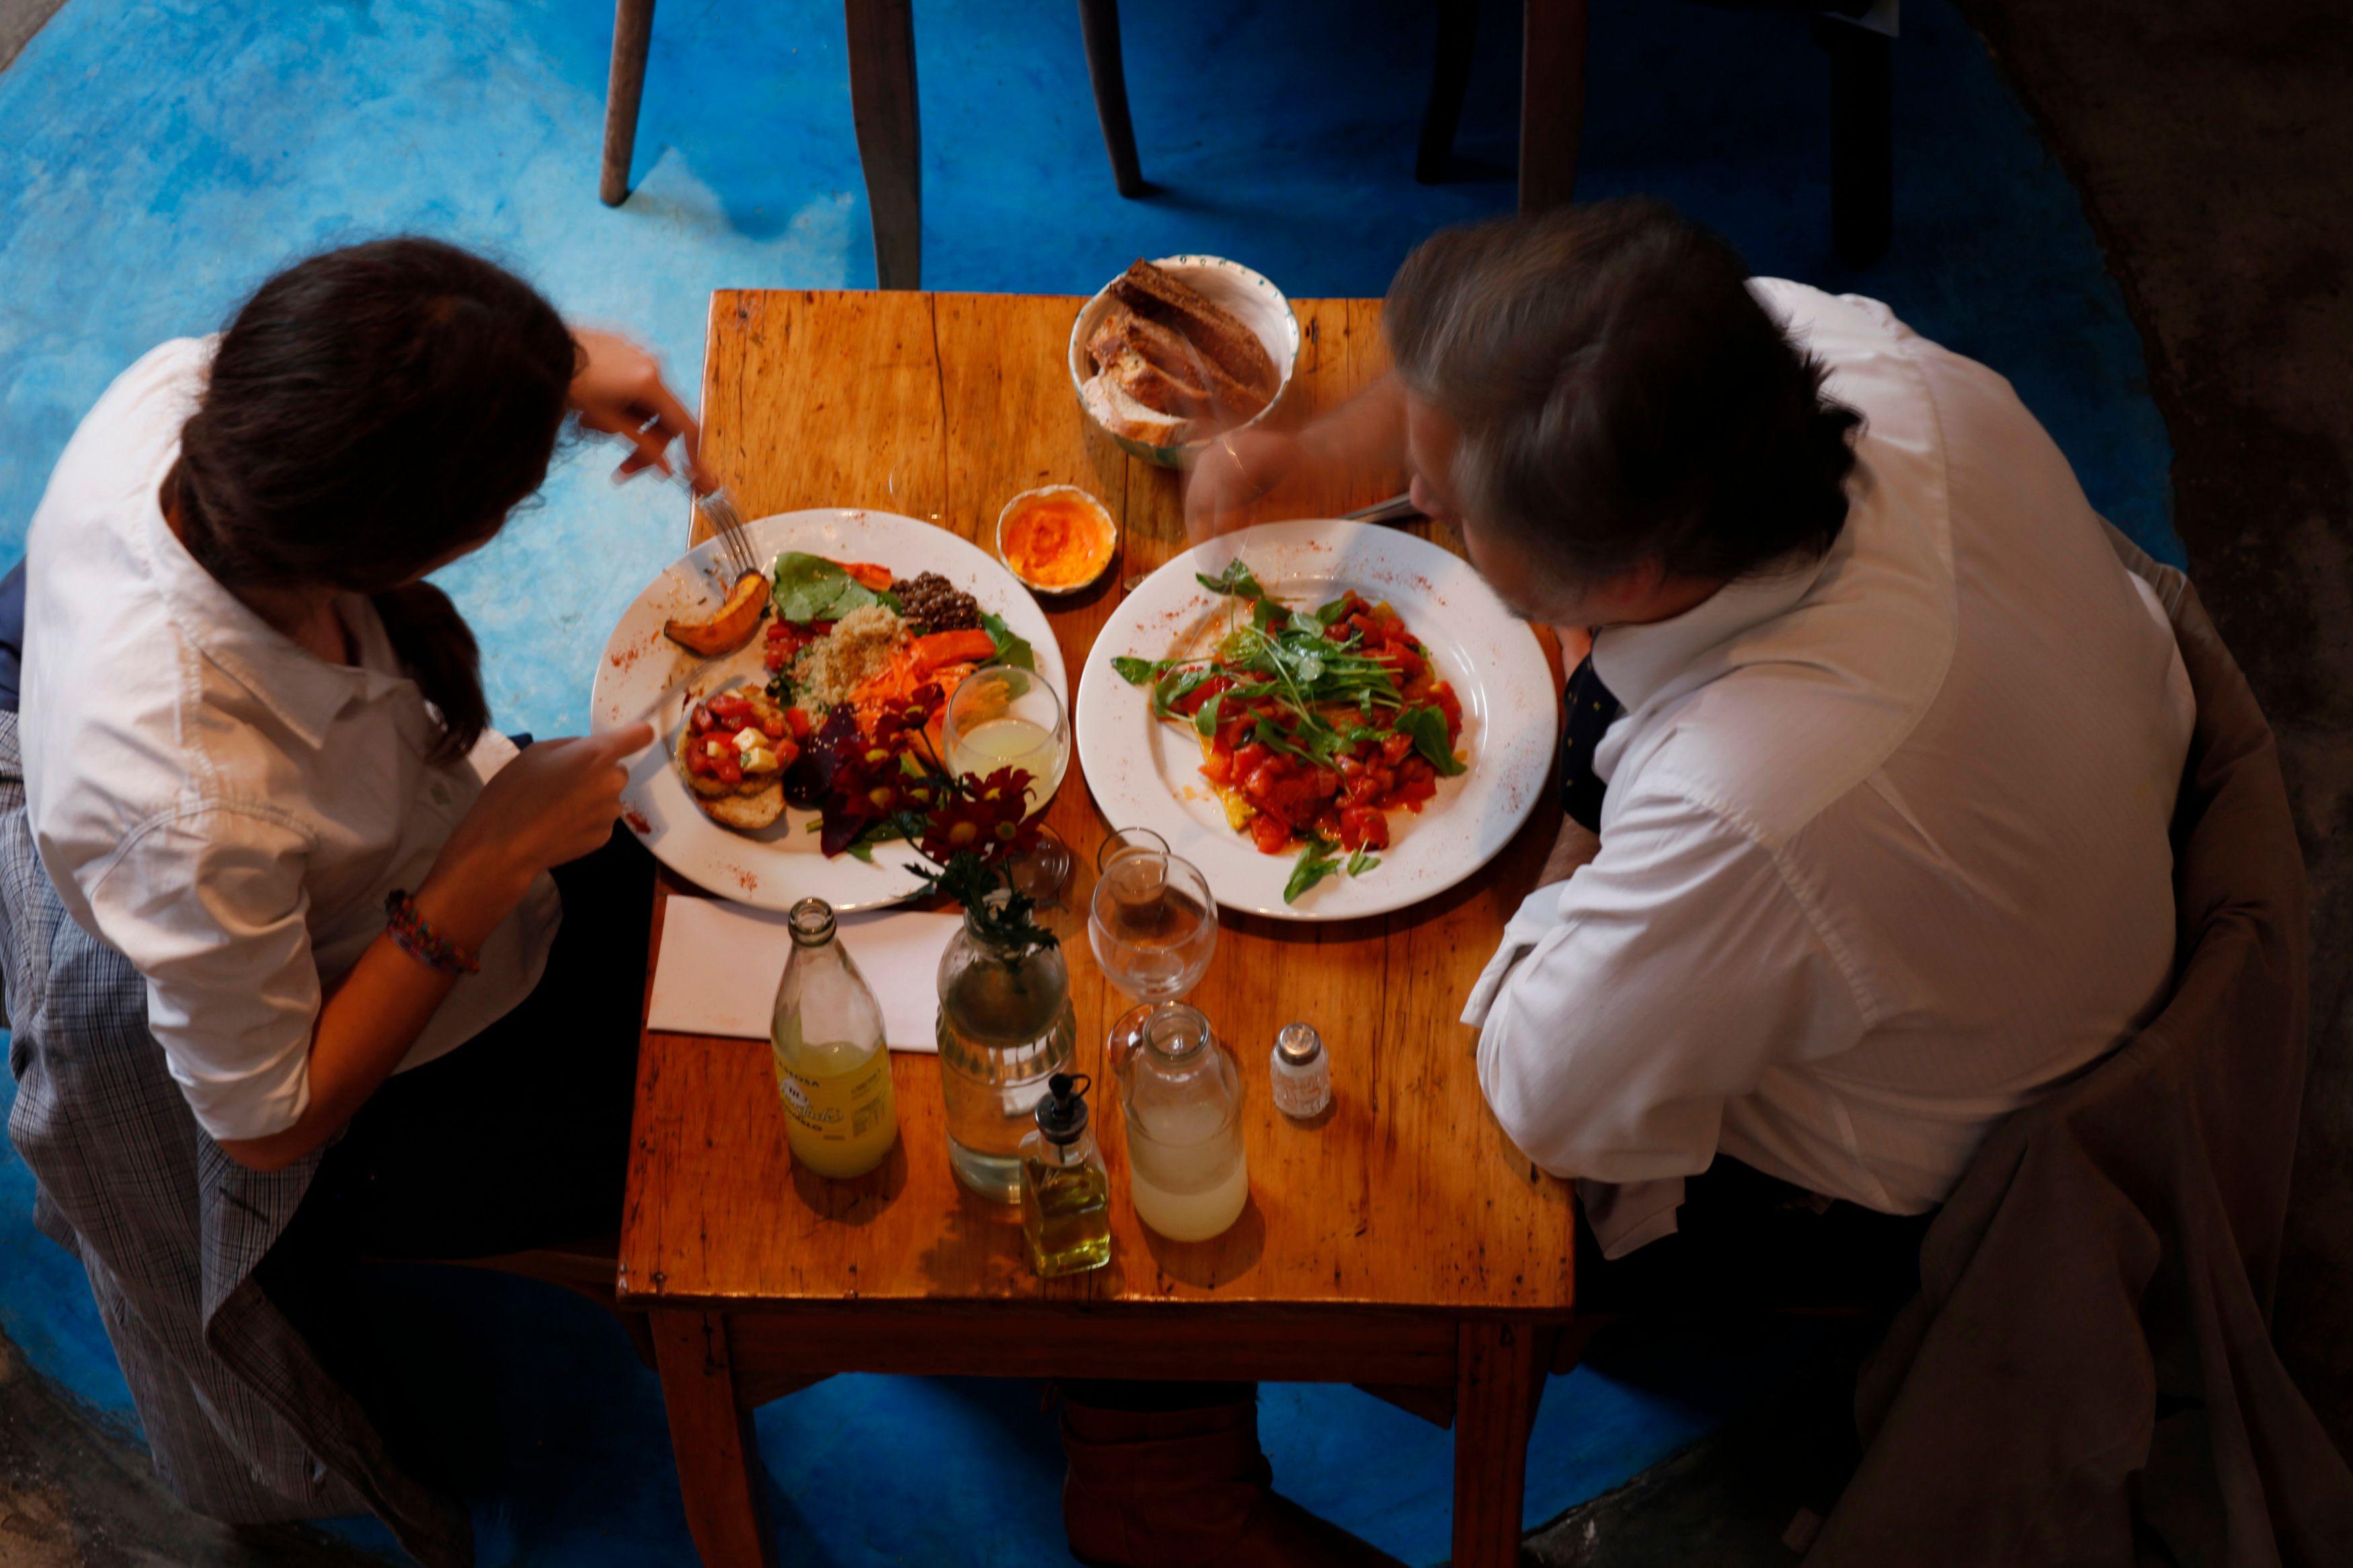 Les Français choisissent généralement leur nourriture en fonction du prix.